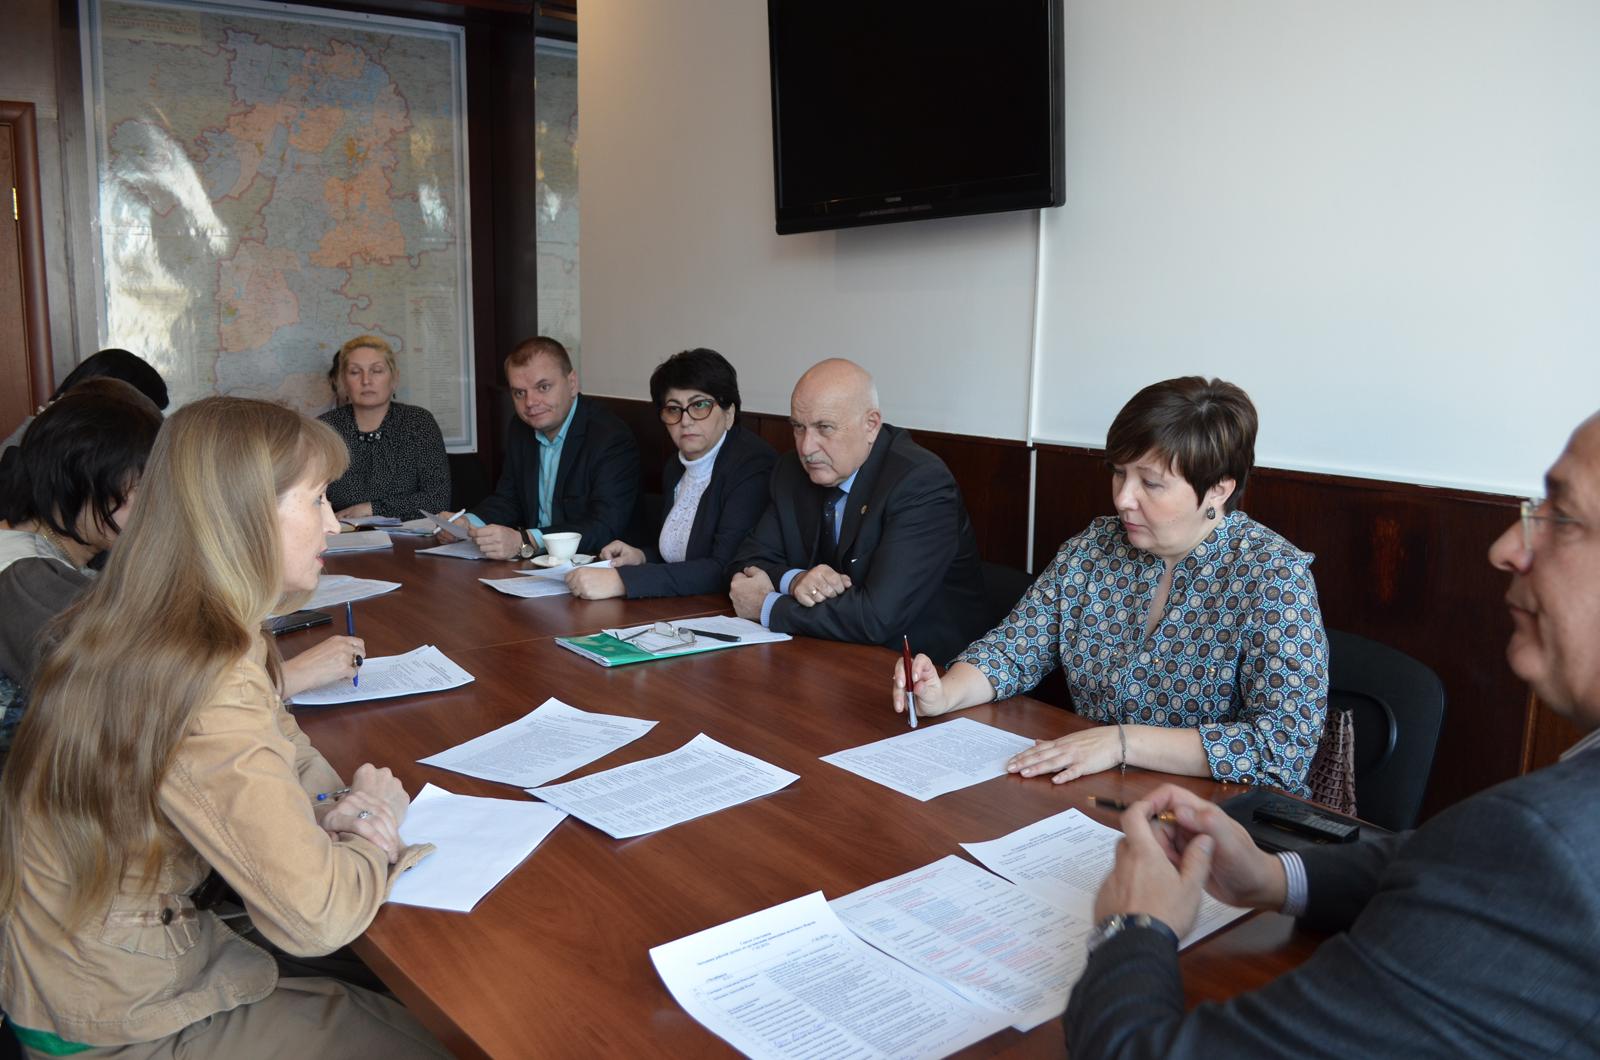 Как сообщила агентству «Урал-пресс-информ» пресс-секретарь бизнес-омбудсмена Ольга Смирнова, фору